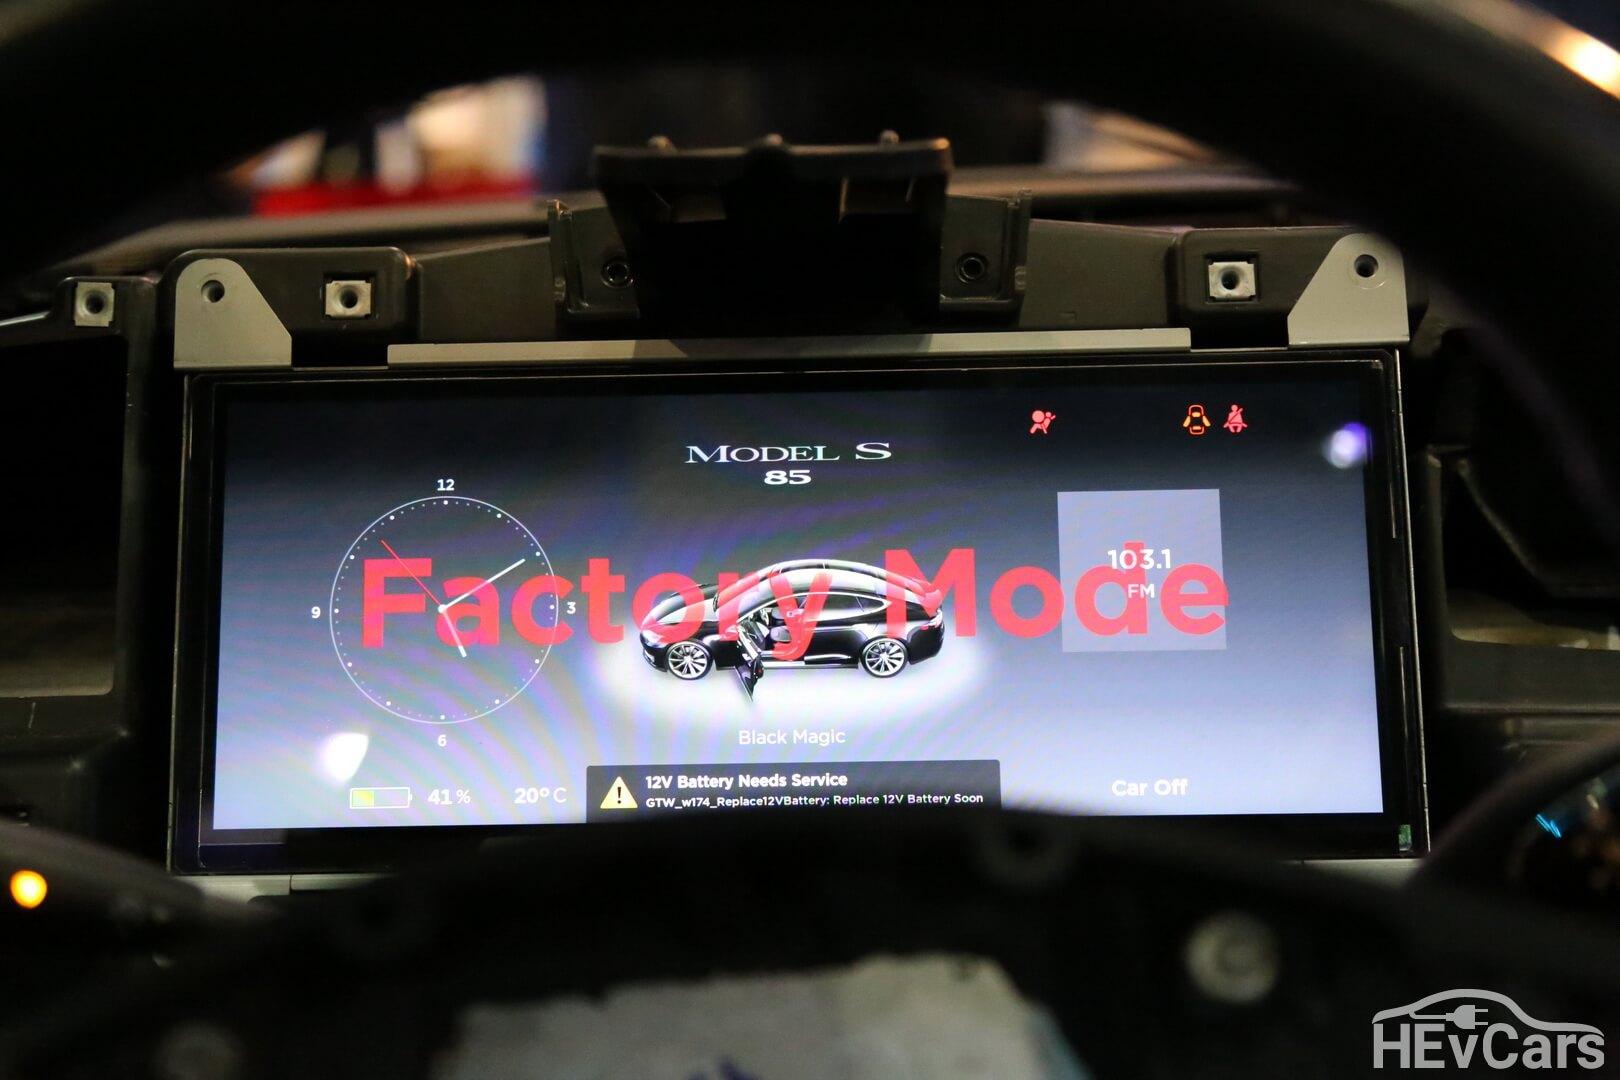 Электромобили Tesla могут обновлять свое программное обеспечение как смартфоны